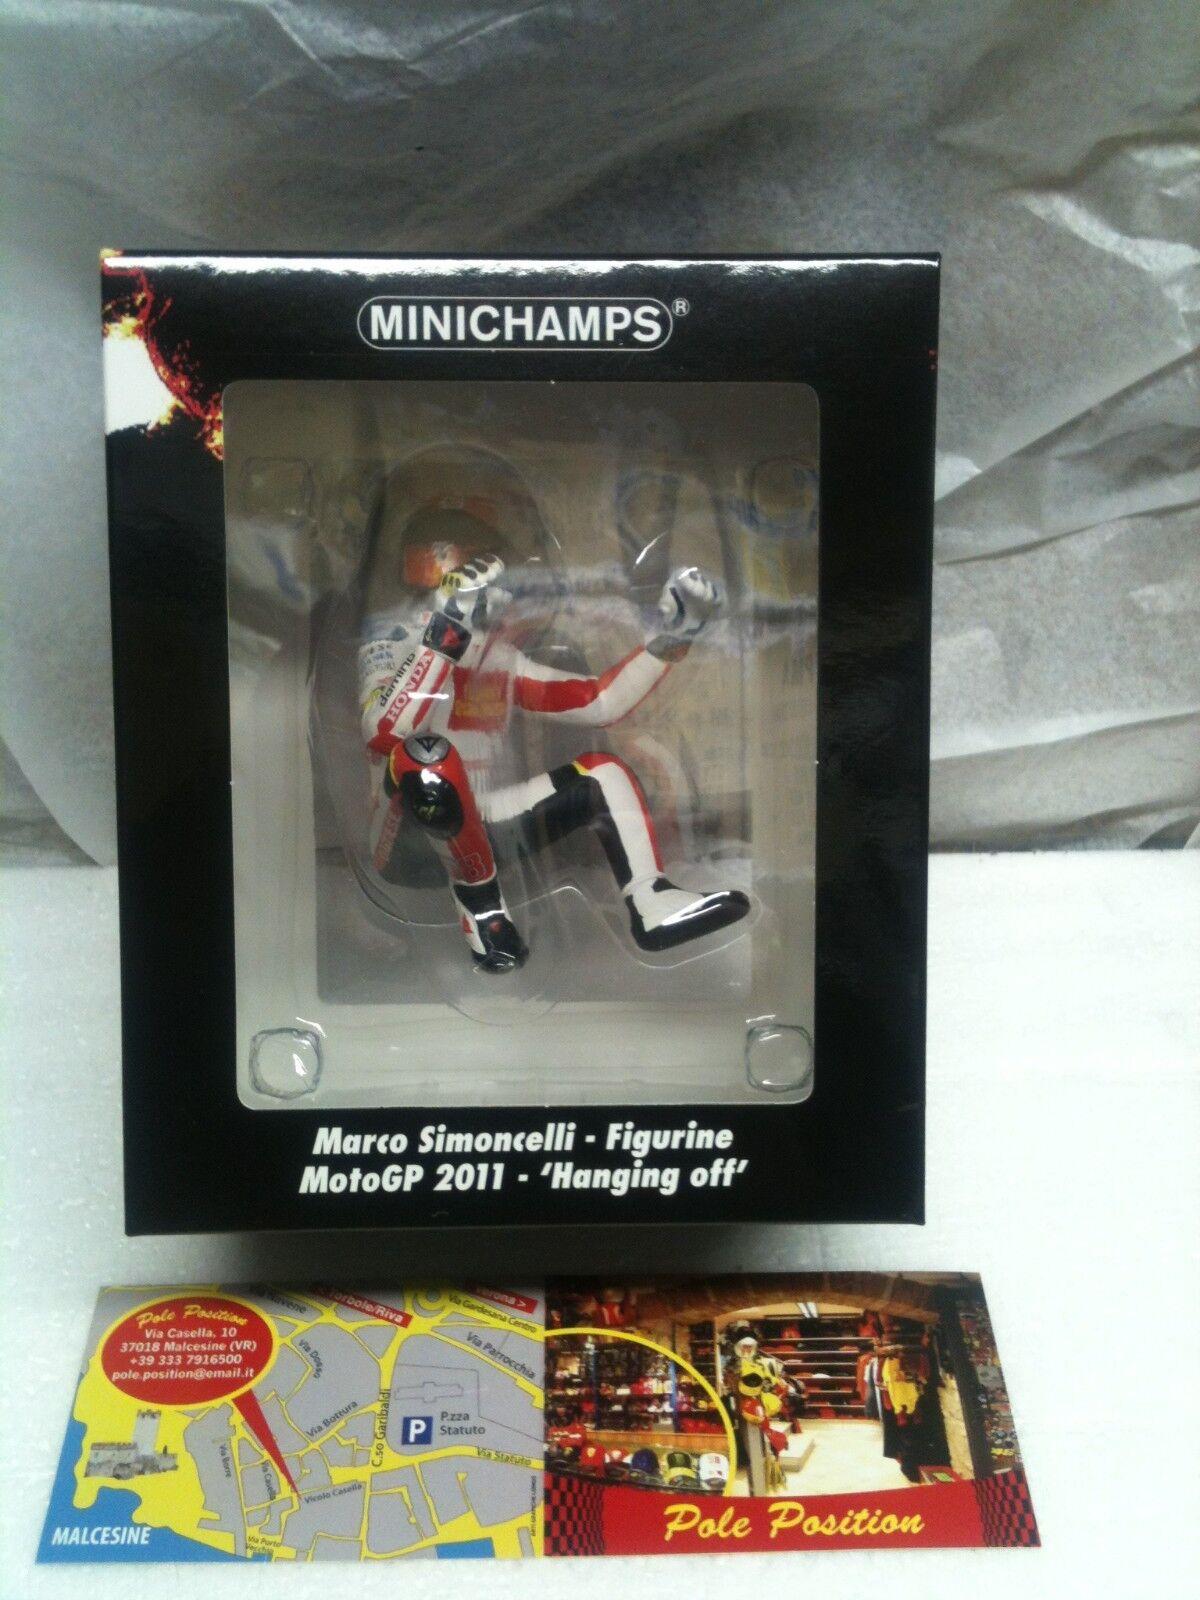 MINICHAMPS 1 12 FIGURINE SIMONCELLI MOTOGP 2011 -´HANGING OFF´ L.E. 1158 pcs.